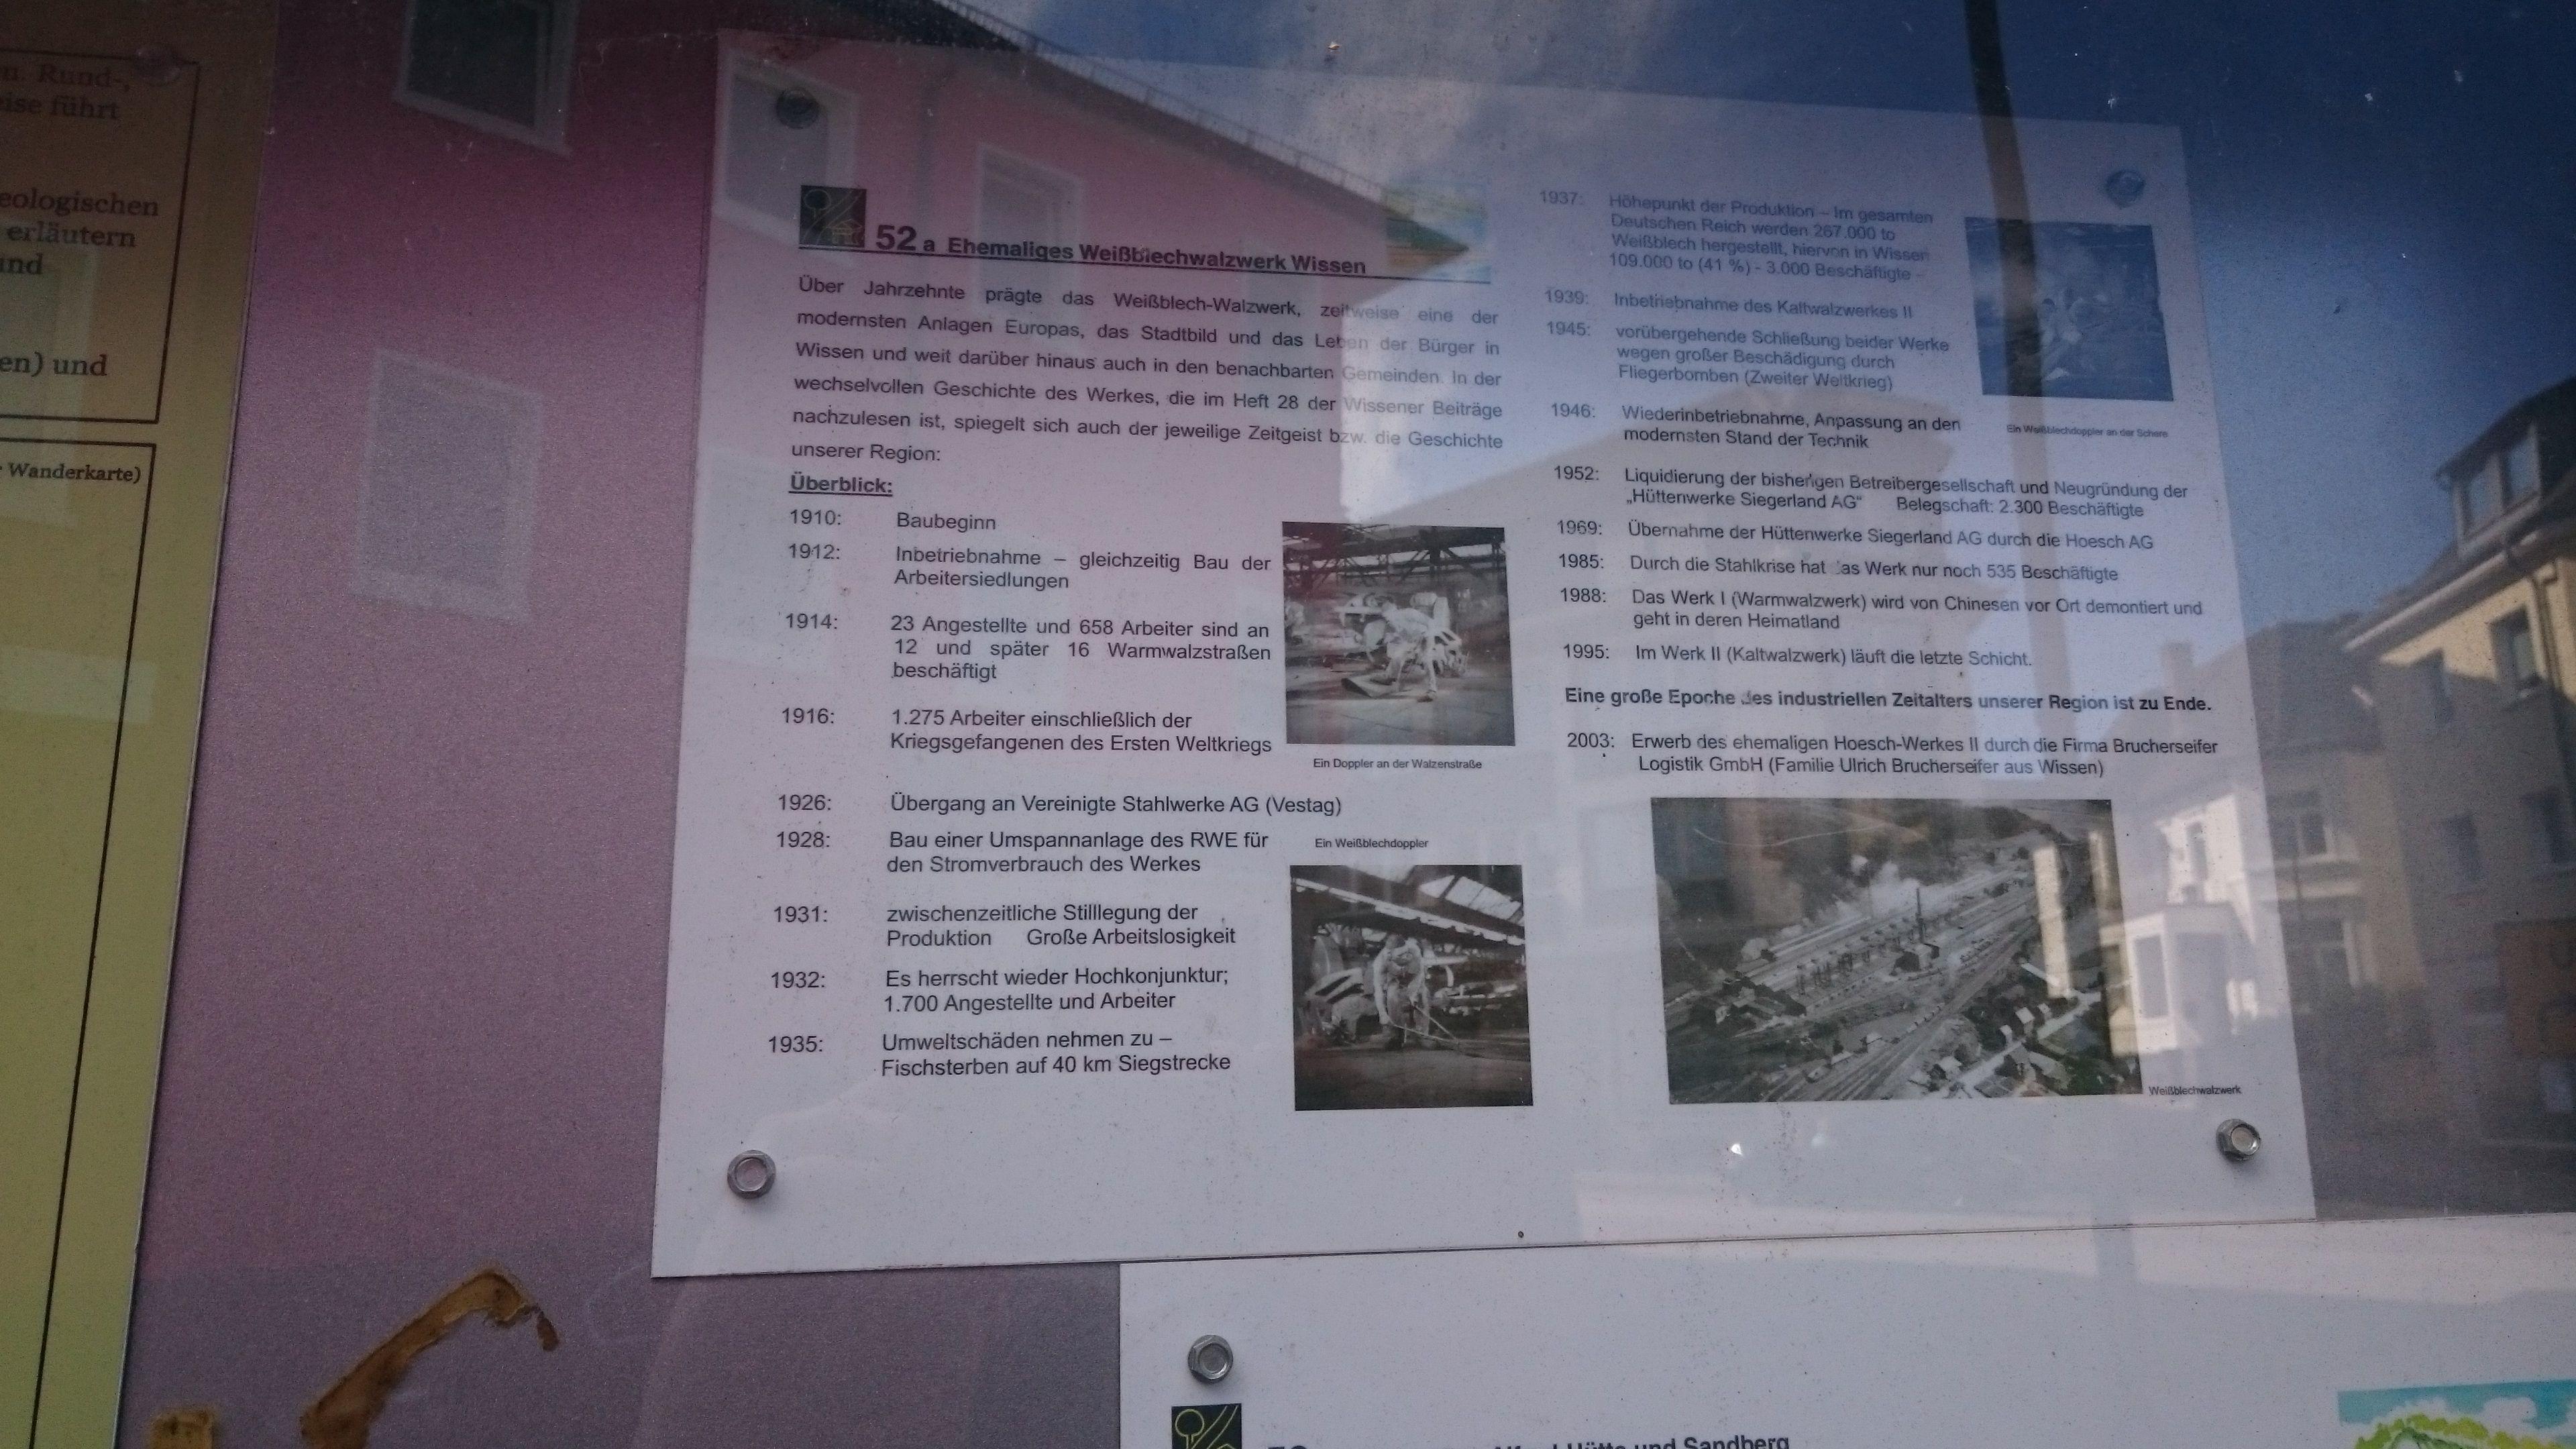 Wissen, Übersicht zur Walzwerke-Geschichte